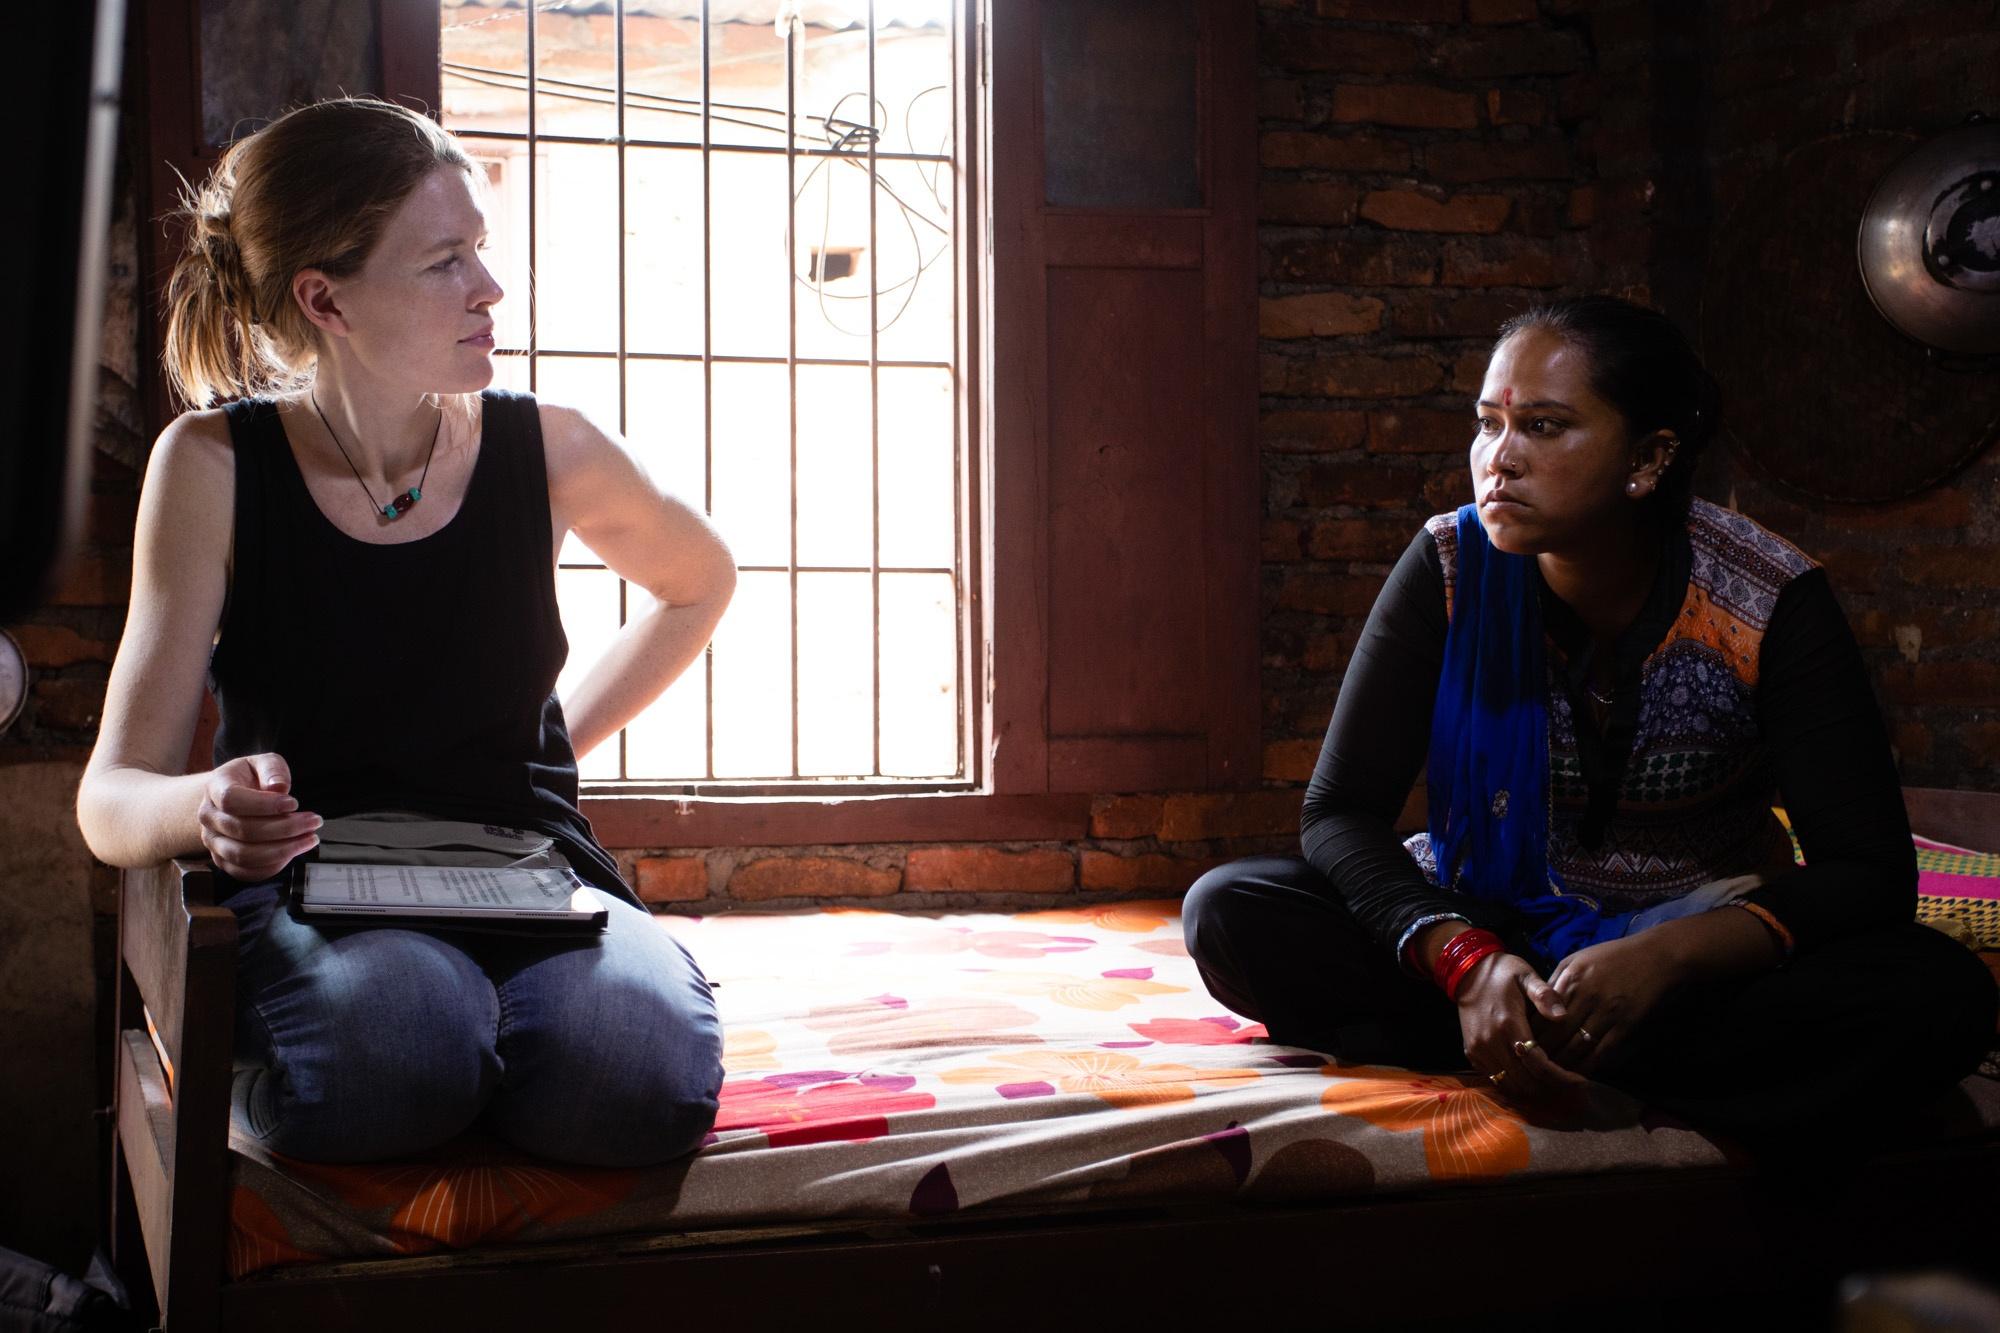 nepal_2019_interviews_foto.seweryn_zelazny-9535-2.jpg